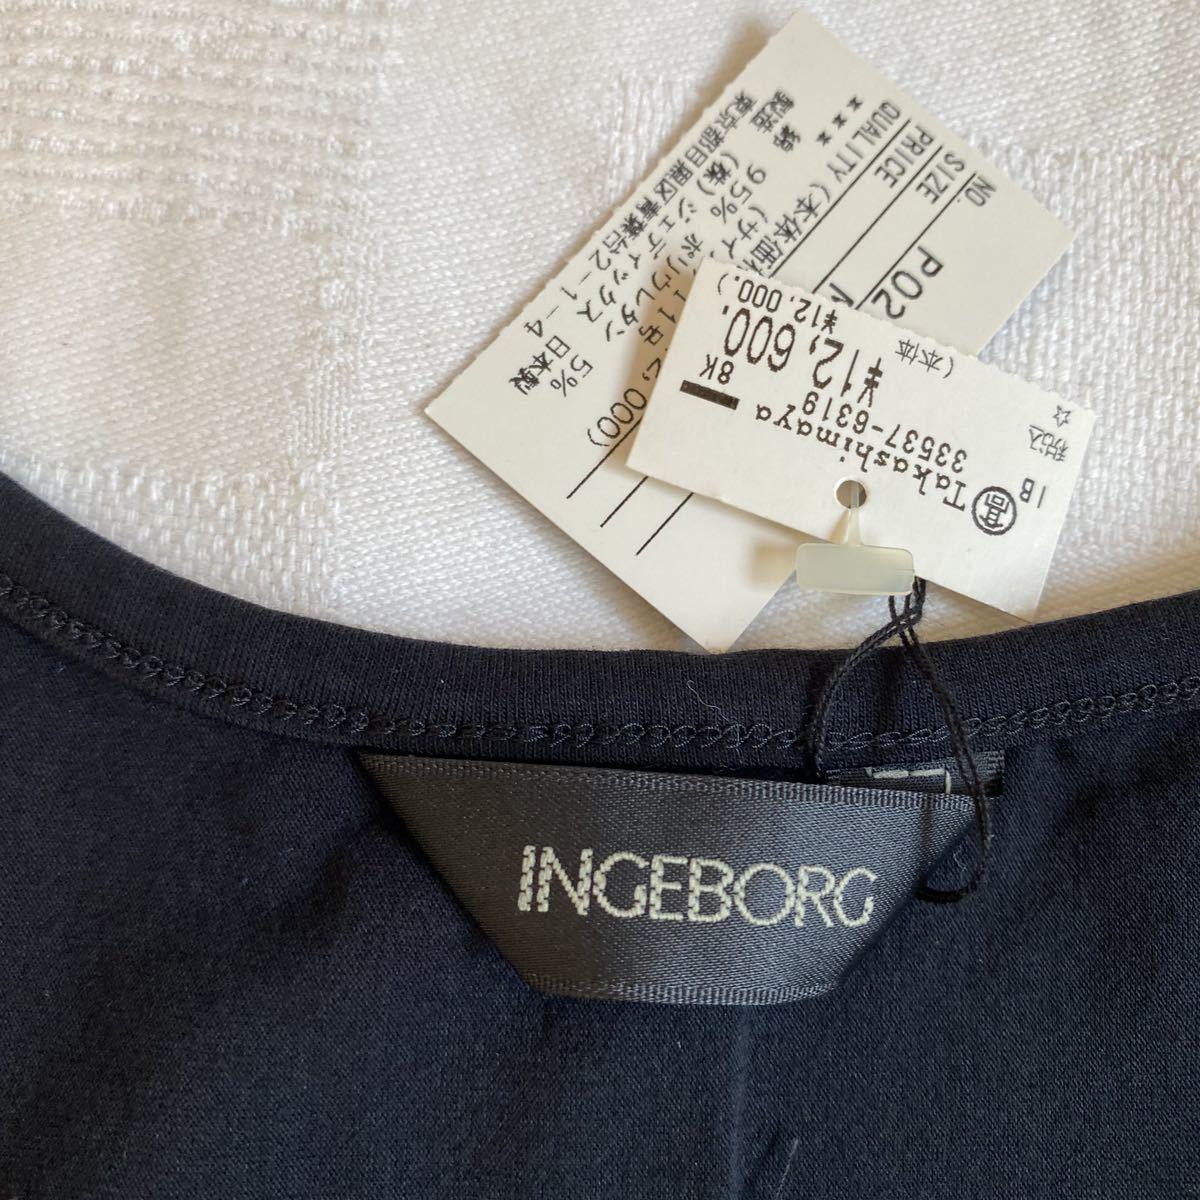 未使用タグ付◆ インゲボルグ INGEBORG◆花柄 刺繍 カットソー 黒 ブラック トップス a20052306